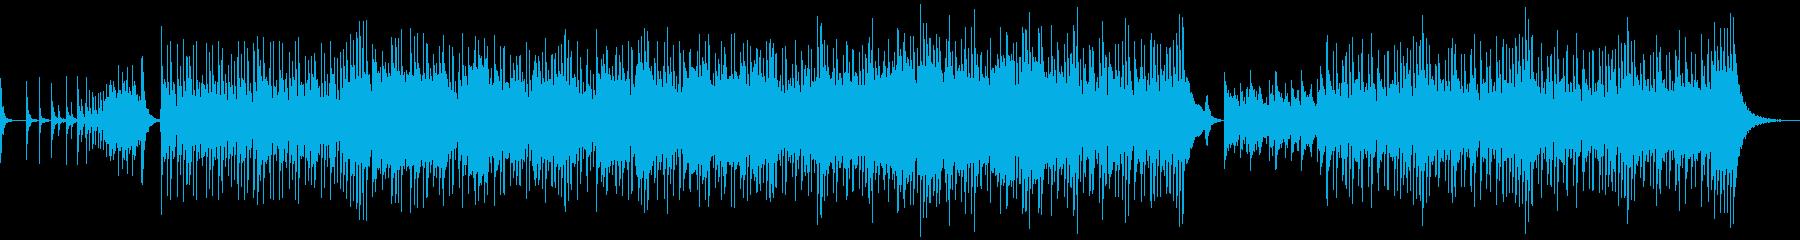 尺八メインの伝統歌舞伎風(激しめ)の再生済みの波形